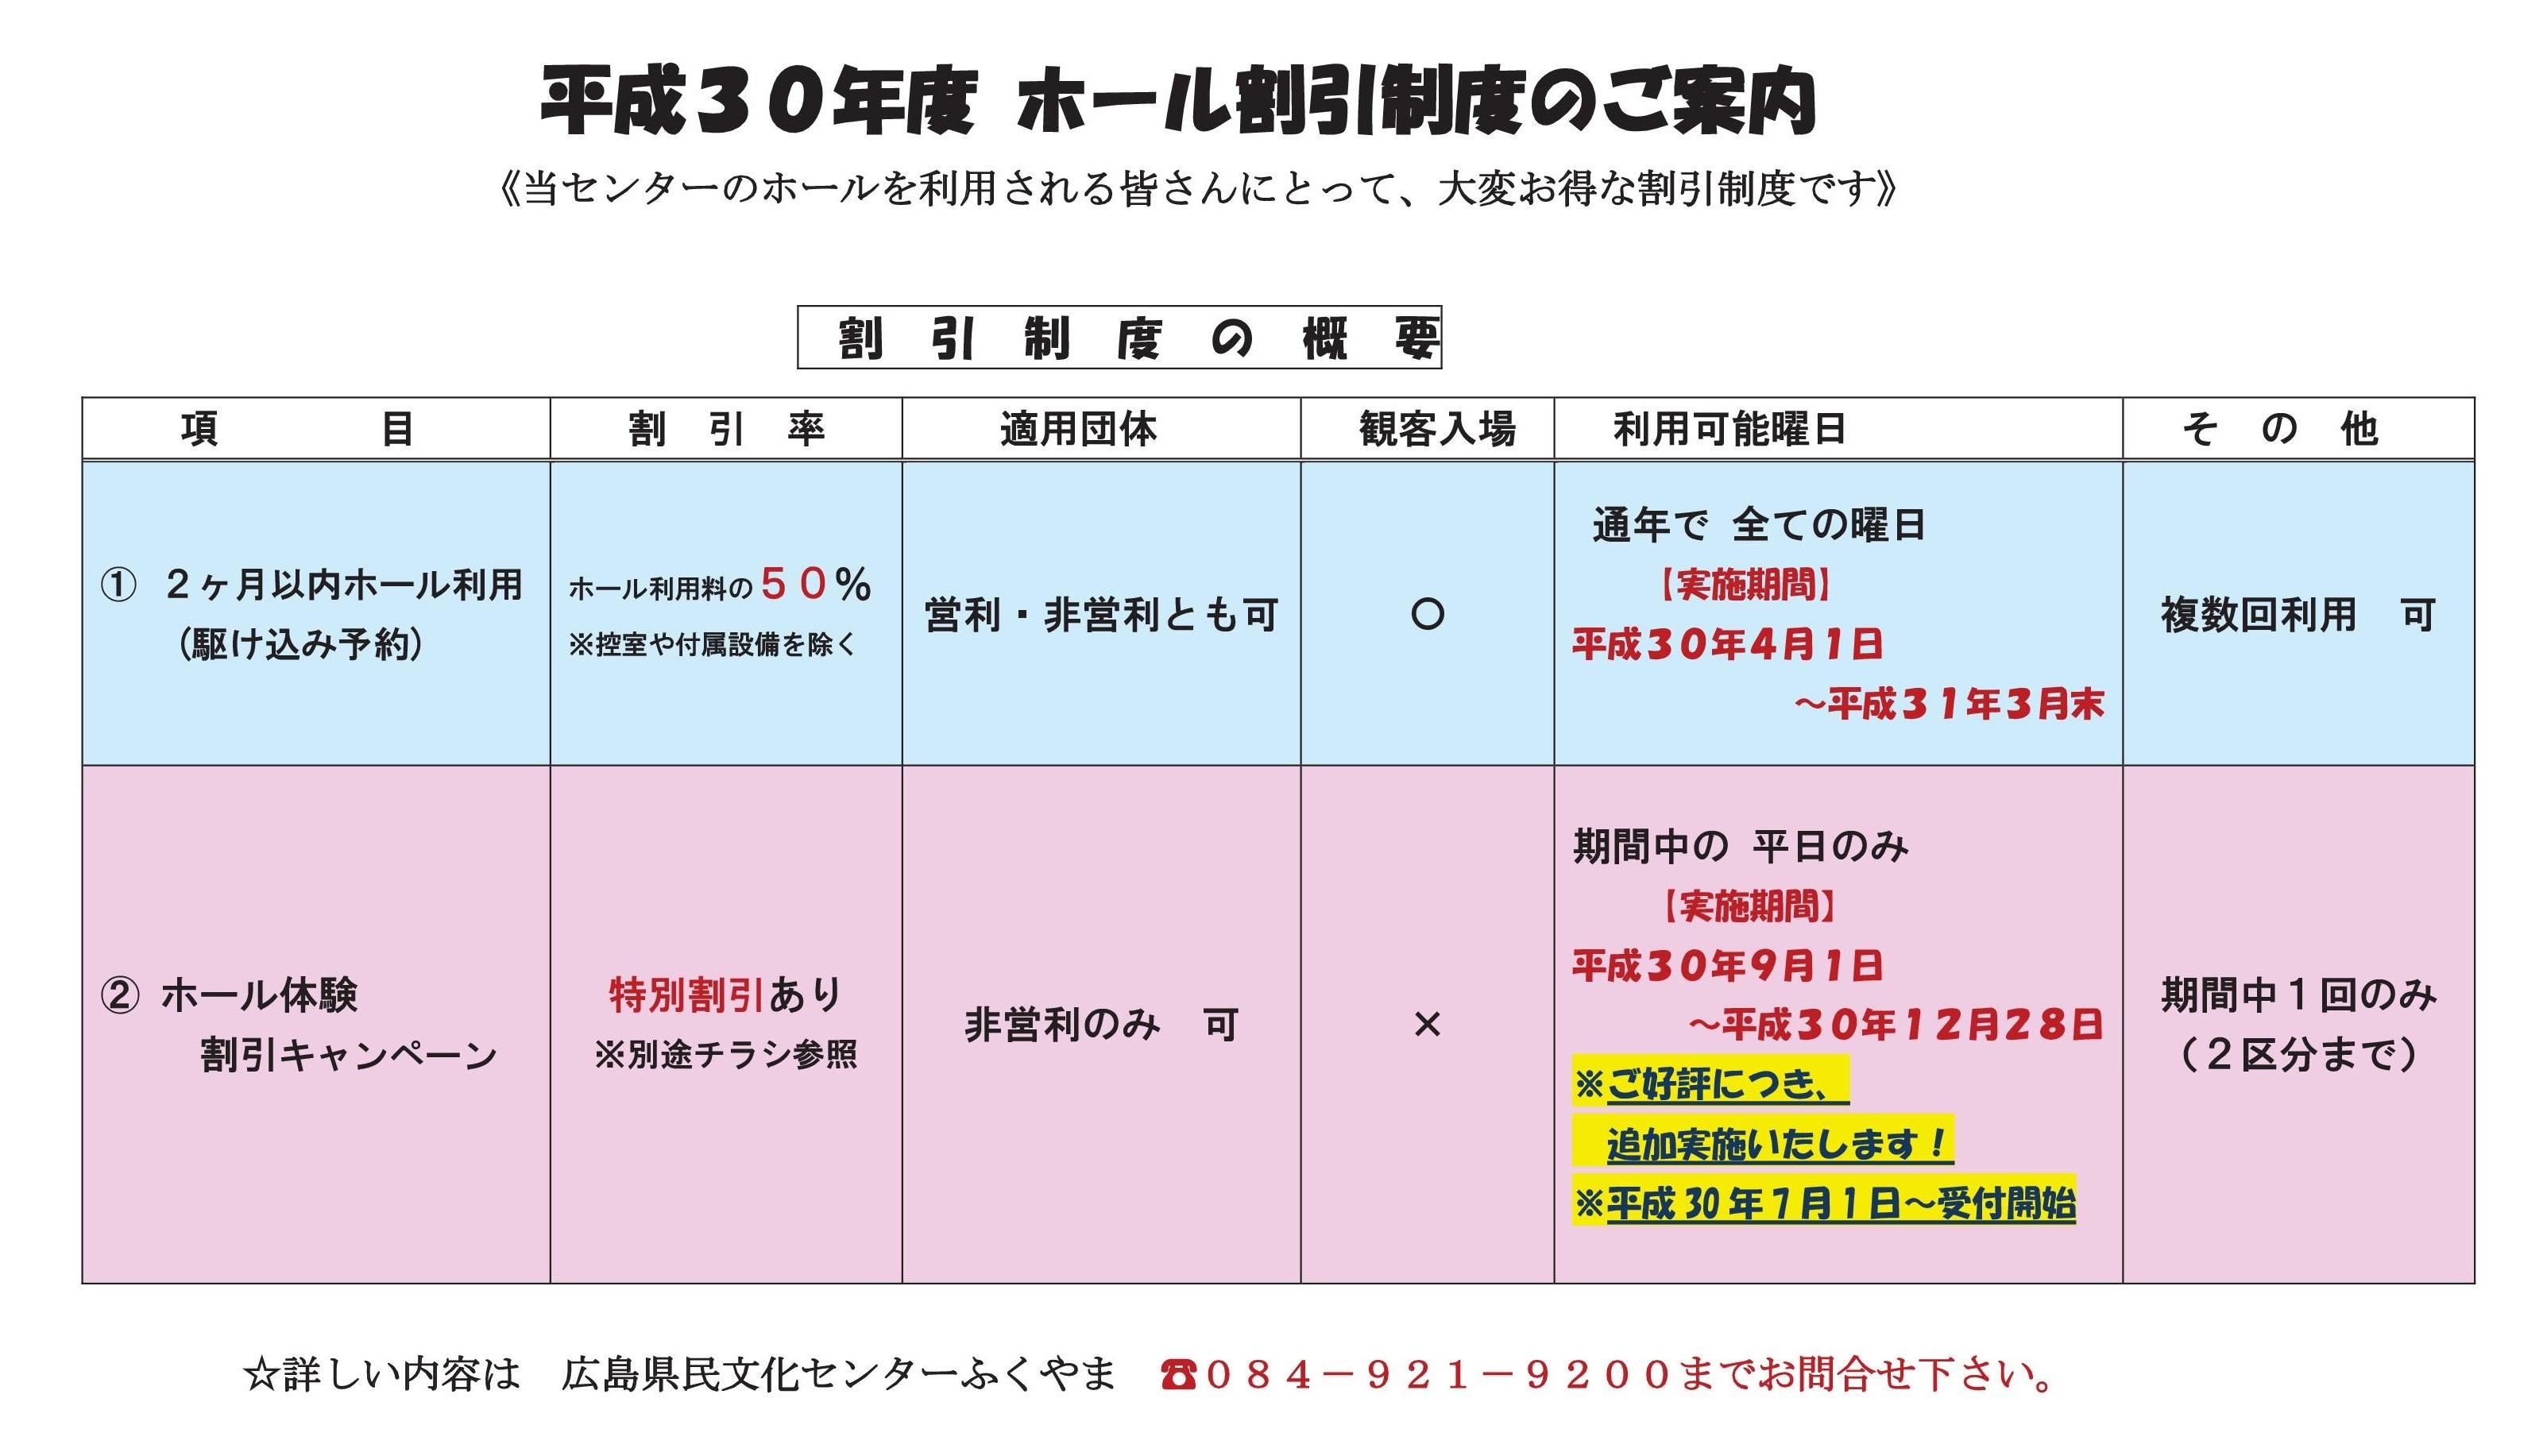 ★☆6.28 ホームページ掲載用「割引制度案内」追加分のみ